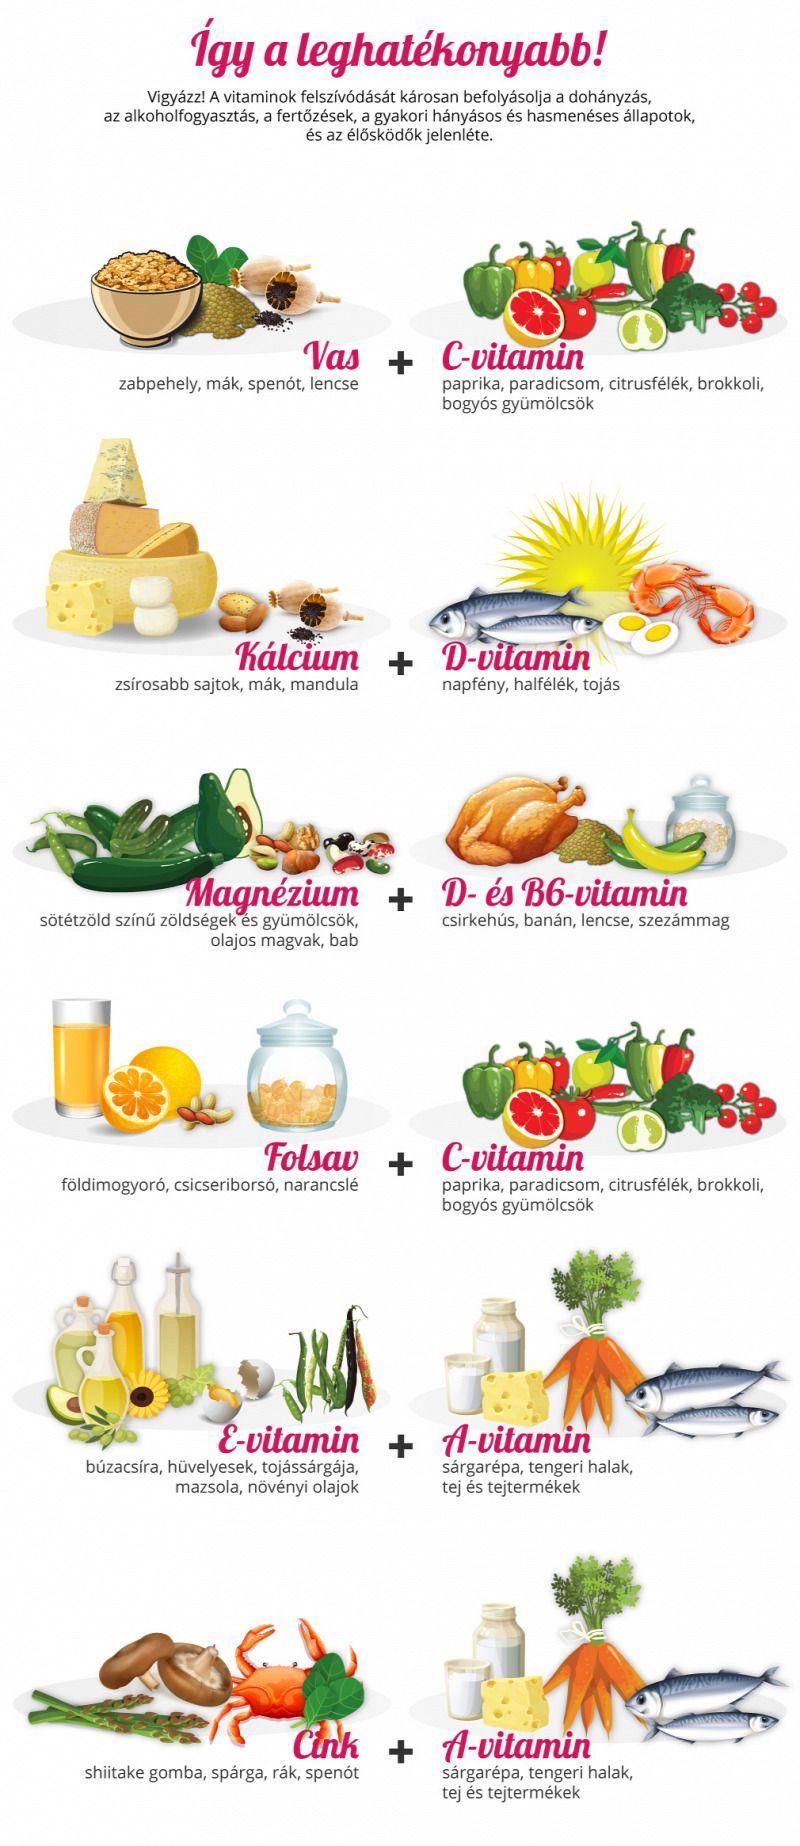 legjobb fogyás természetes gyógynövények hogyan lehet gyorsabban fogyni a hasról